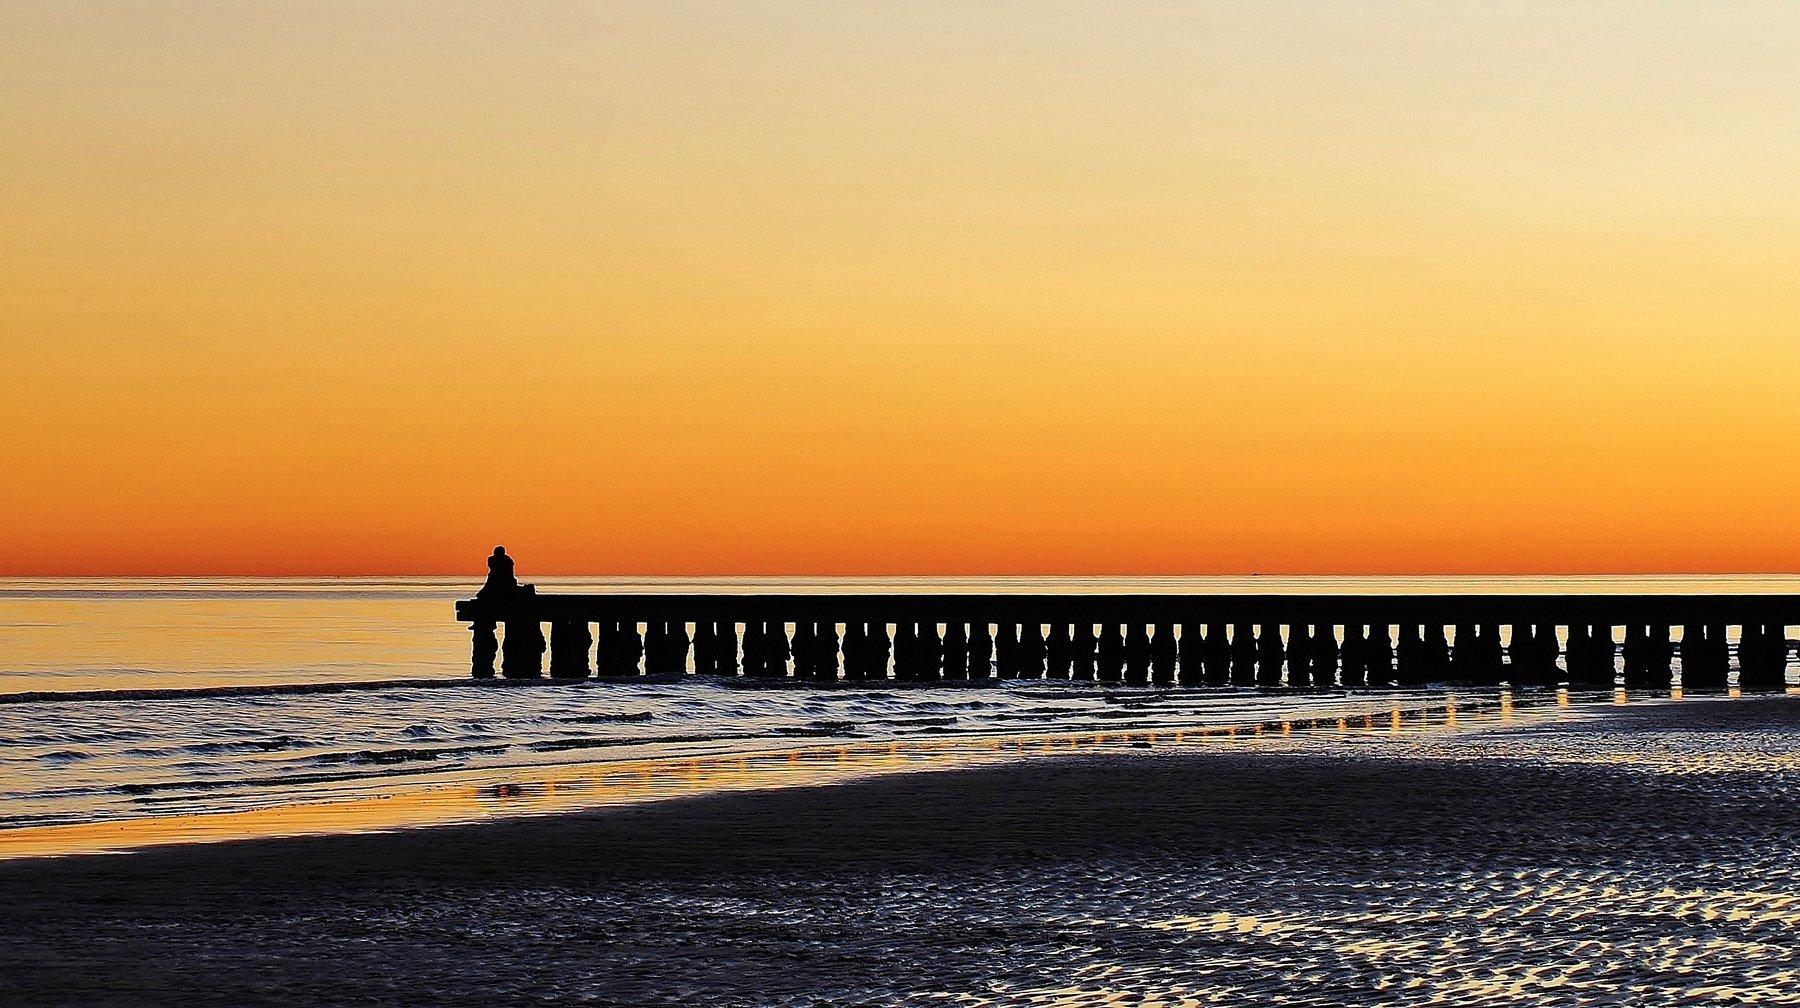 pontile,mare,sabbia,acqua,paesaggio,giallo, paologr63